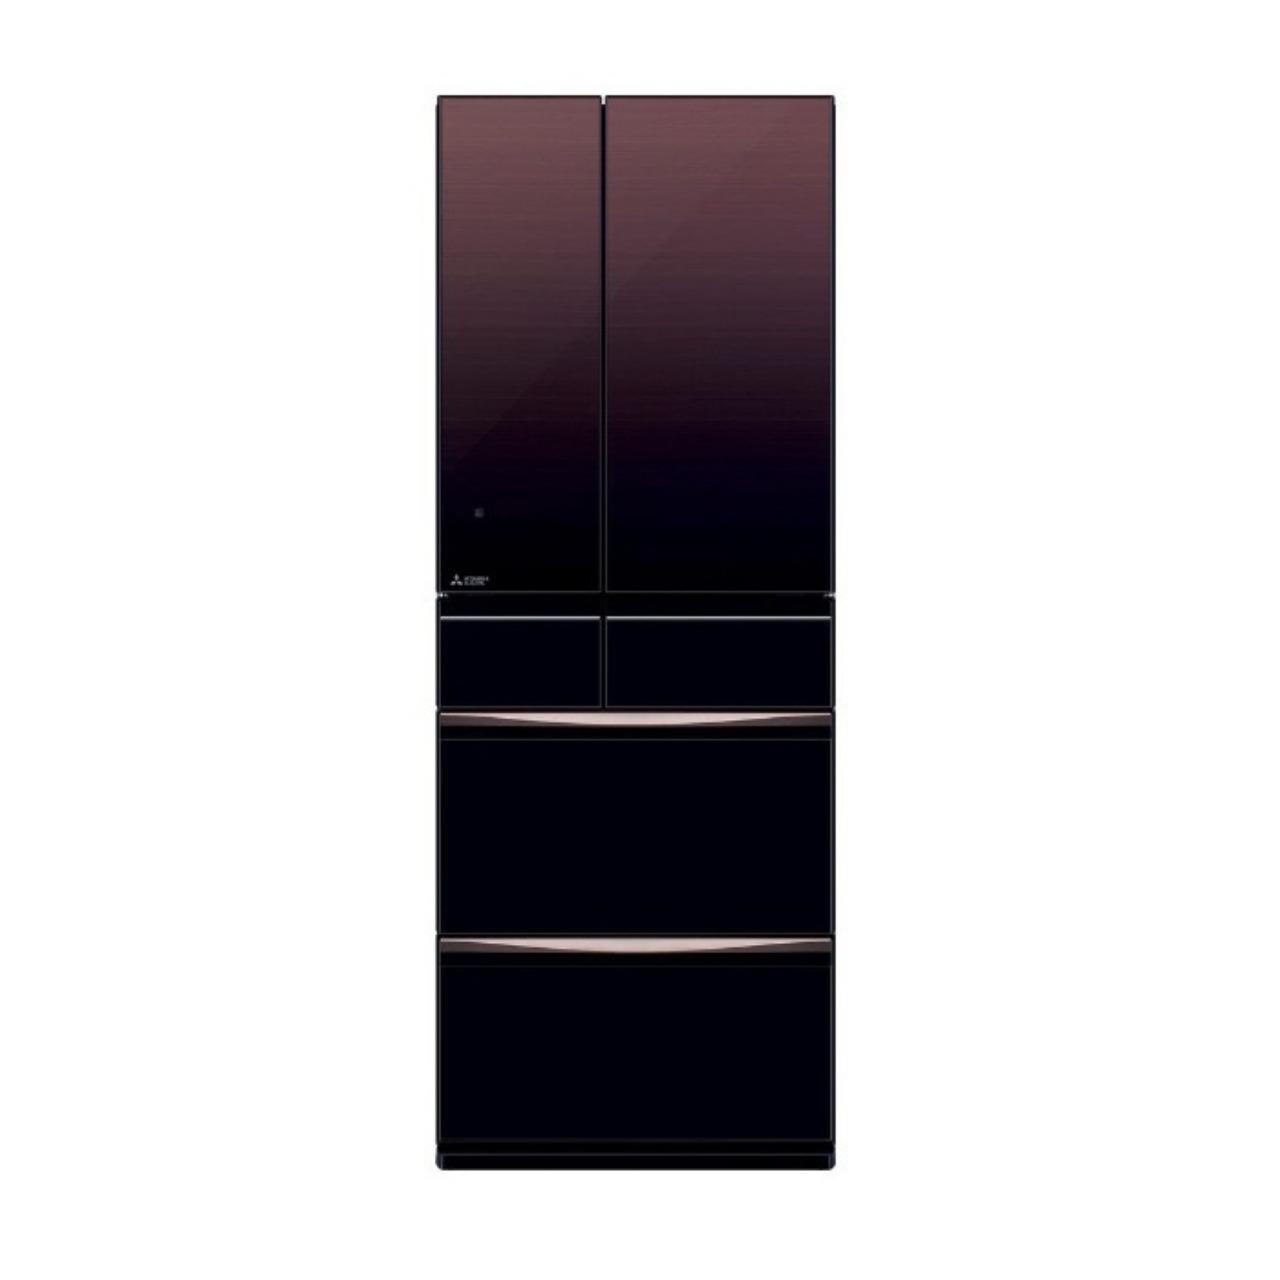 三菱 置けるスマート大容量MXシリーズMR-MX57E冷蔵庫